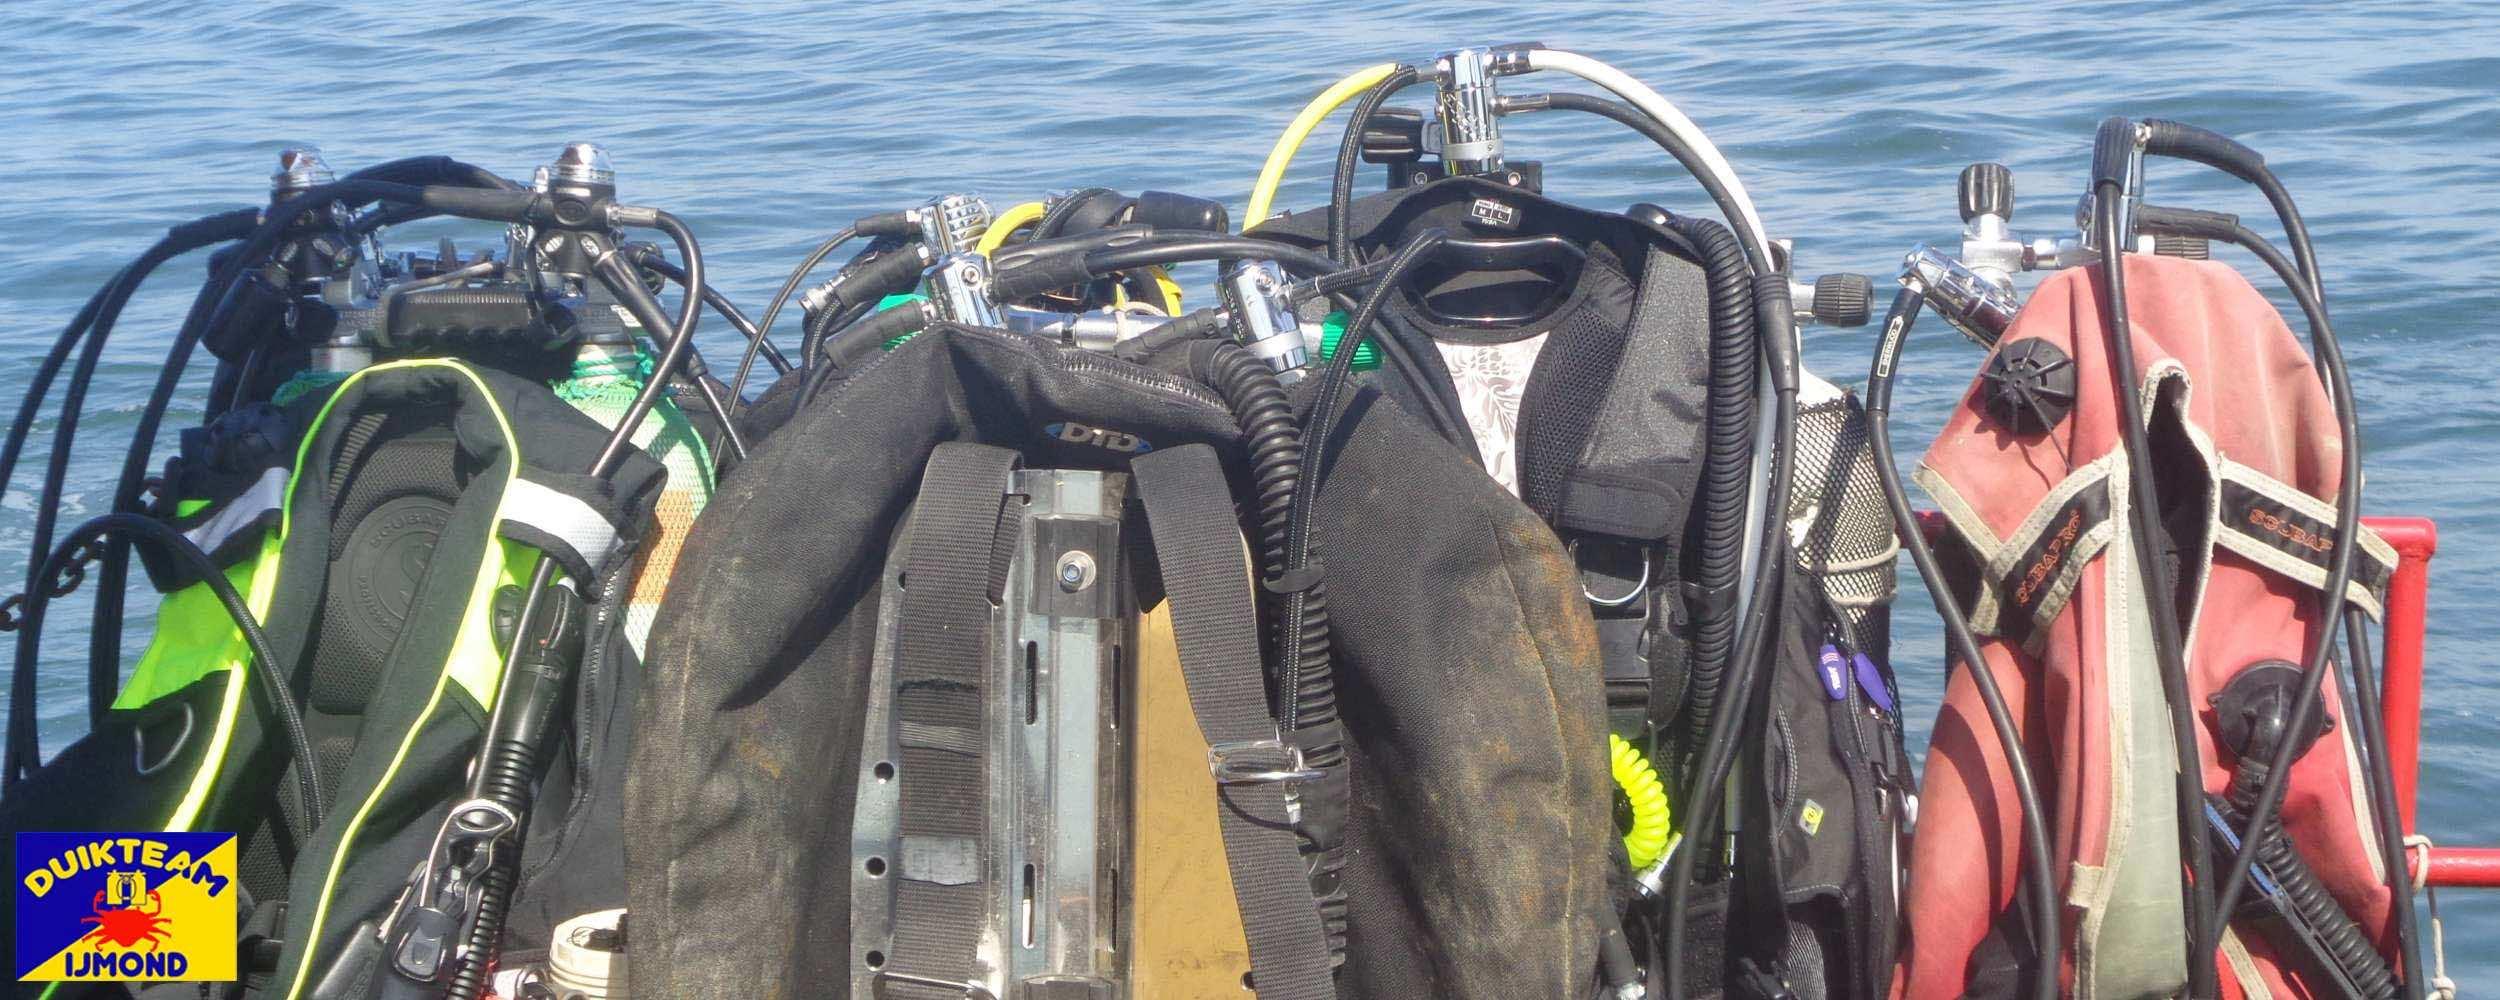 Divegear na de duik